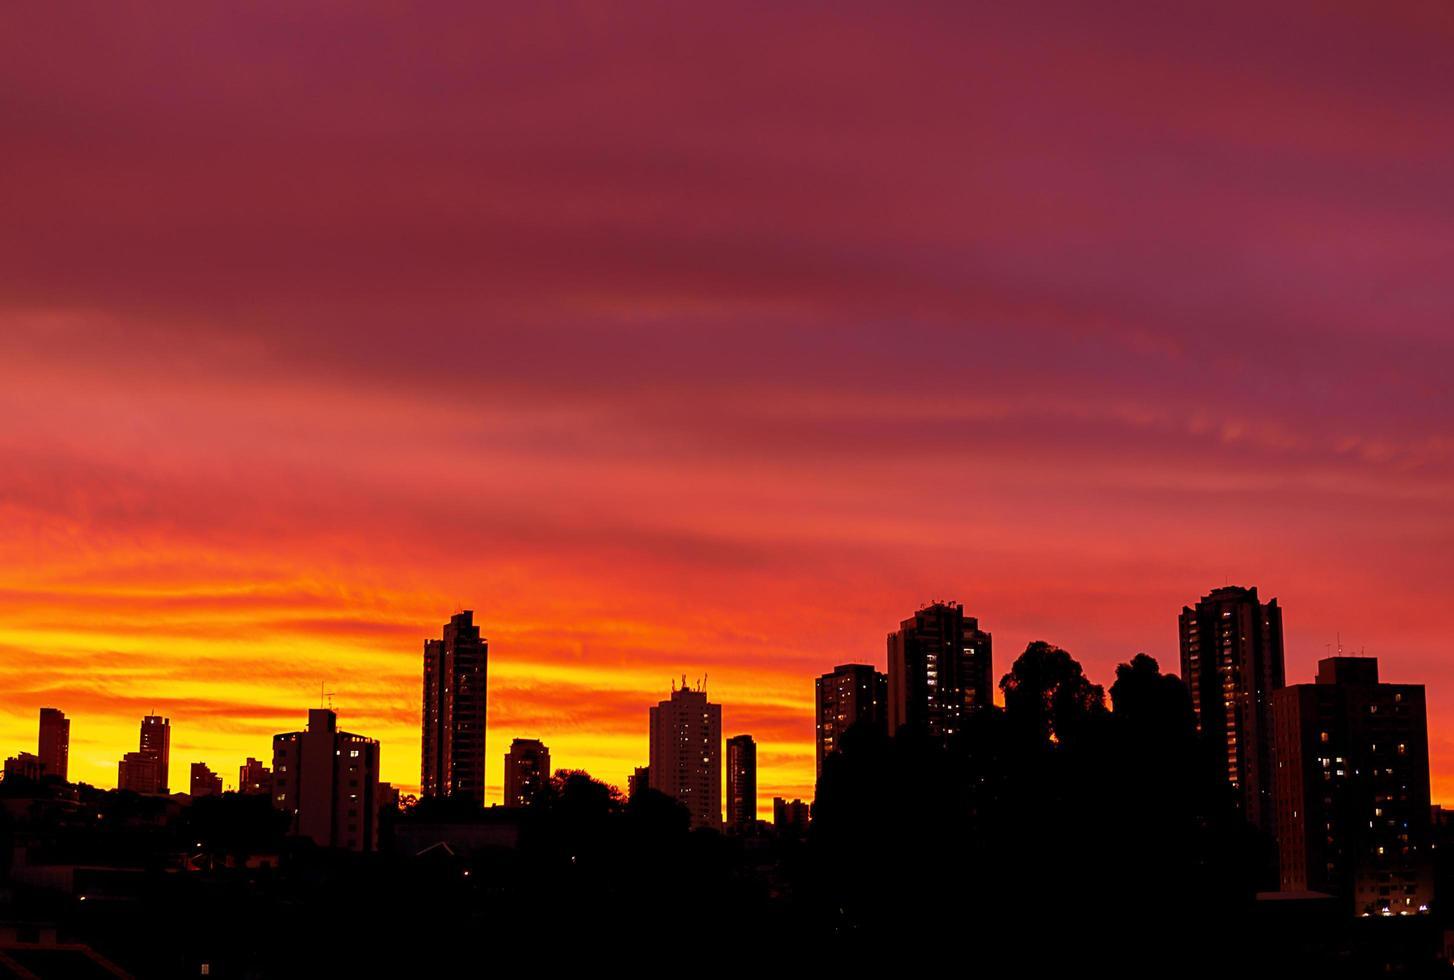 bâtiments de la ville au coucher du soleil photo